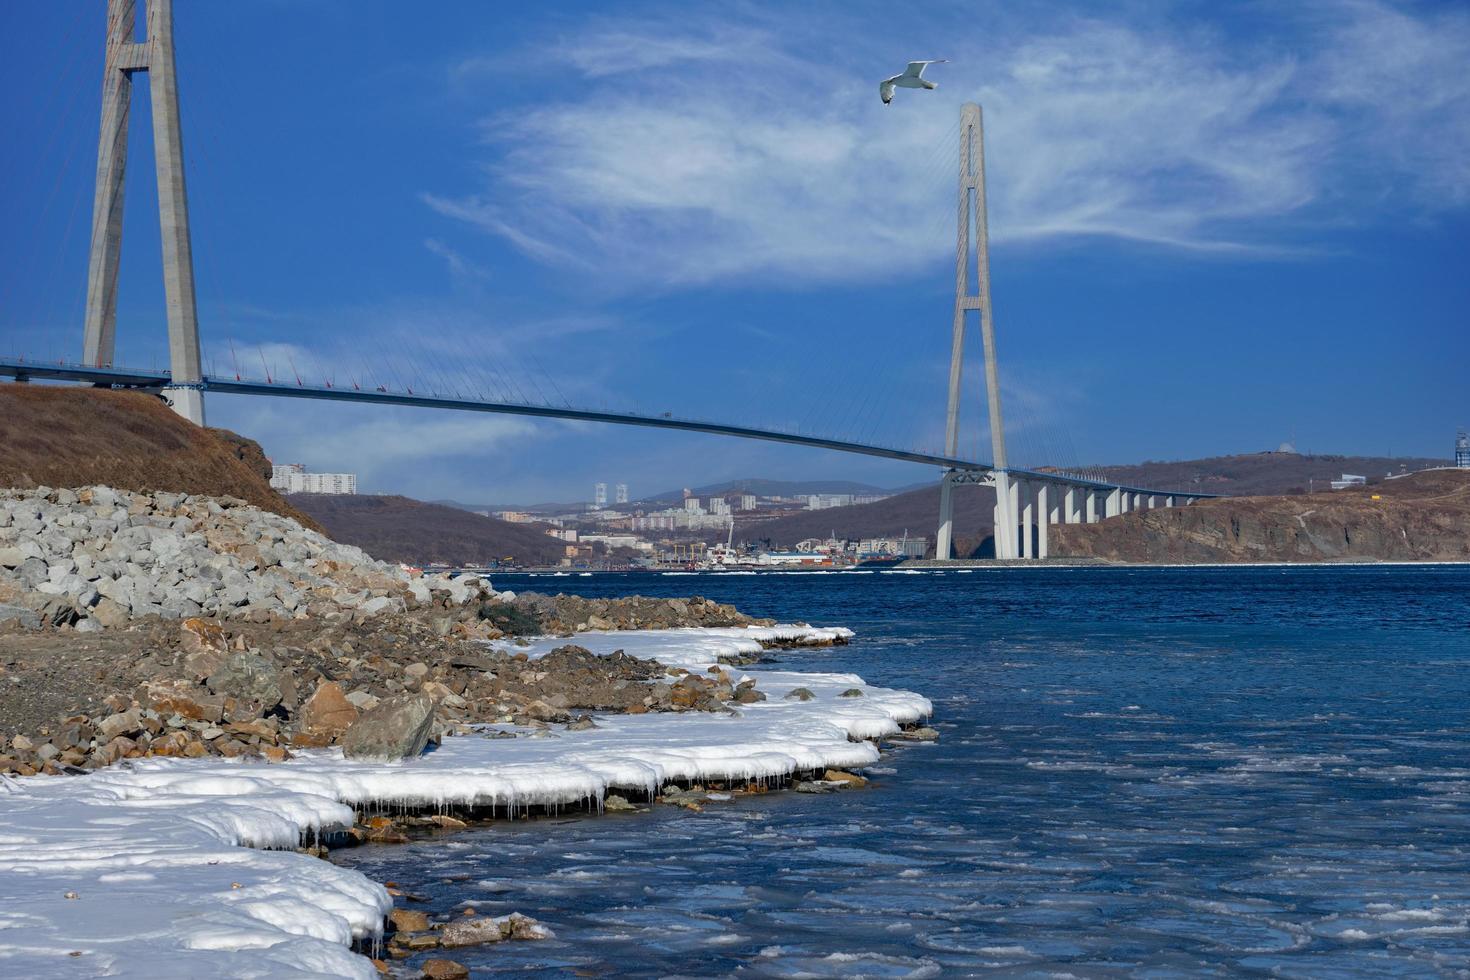 zolotoy brug met bewolkte blauwe hemel in Vladivostok, Rusland foto